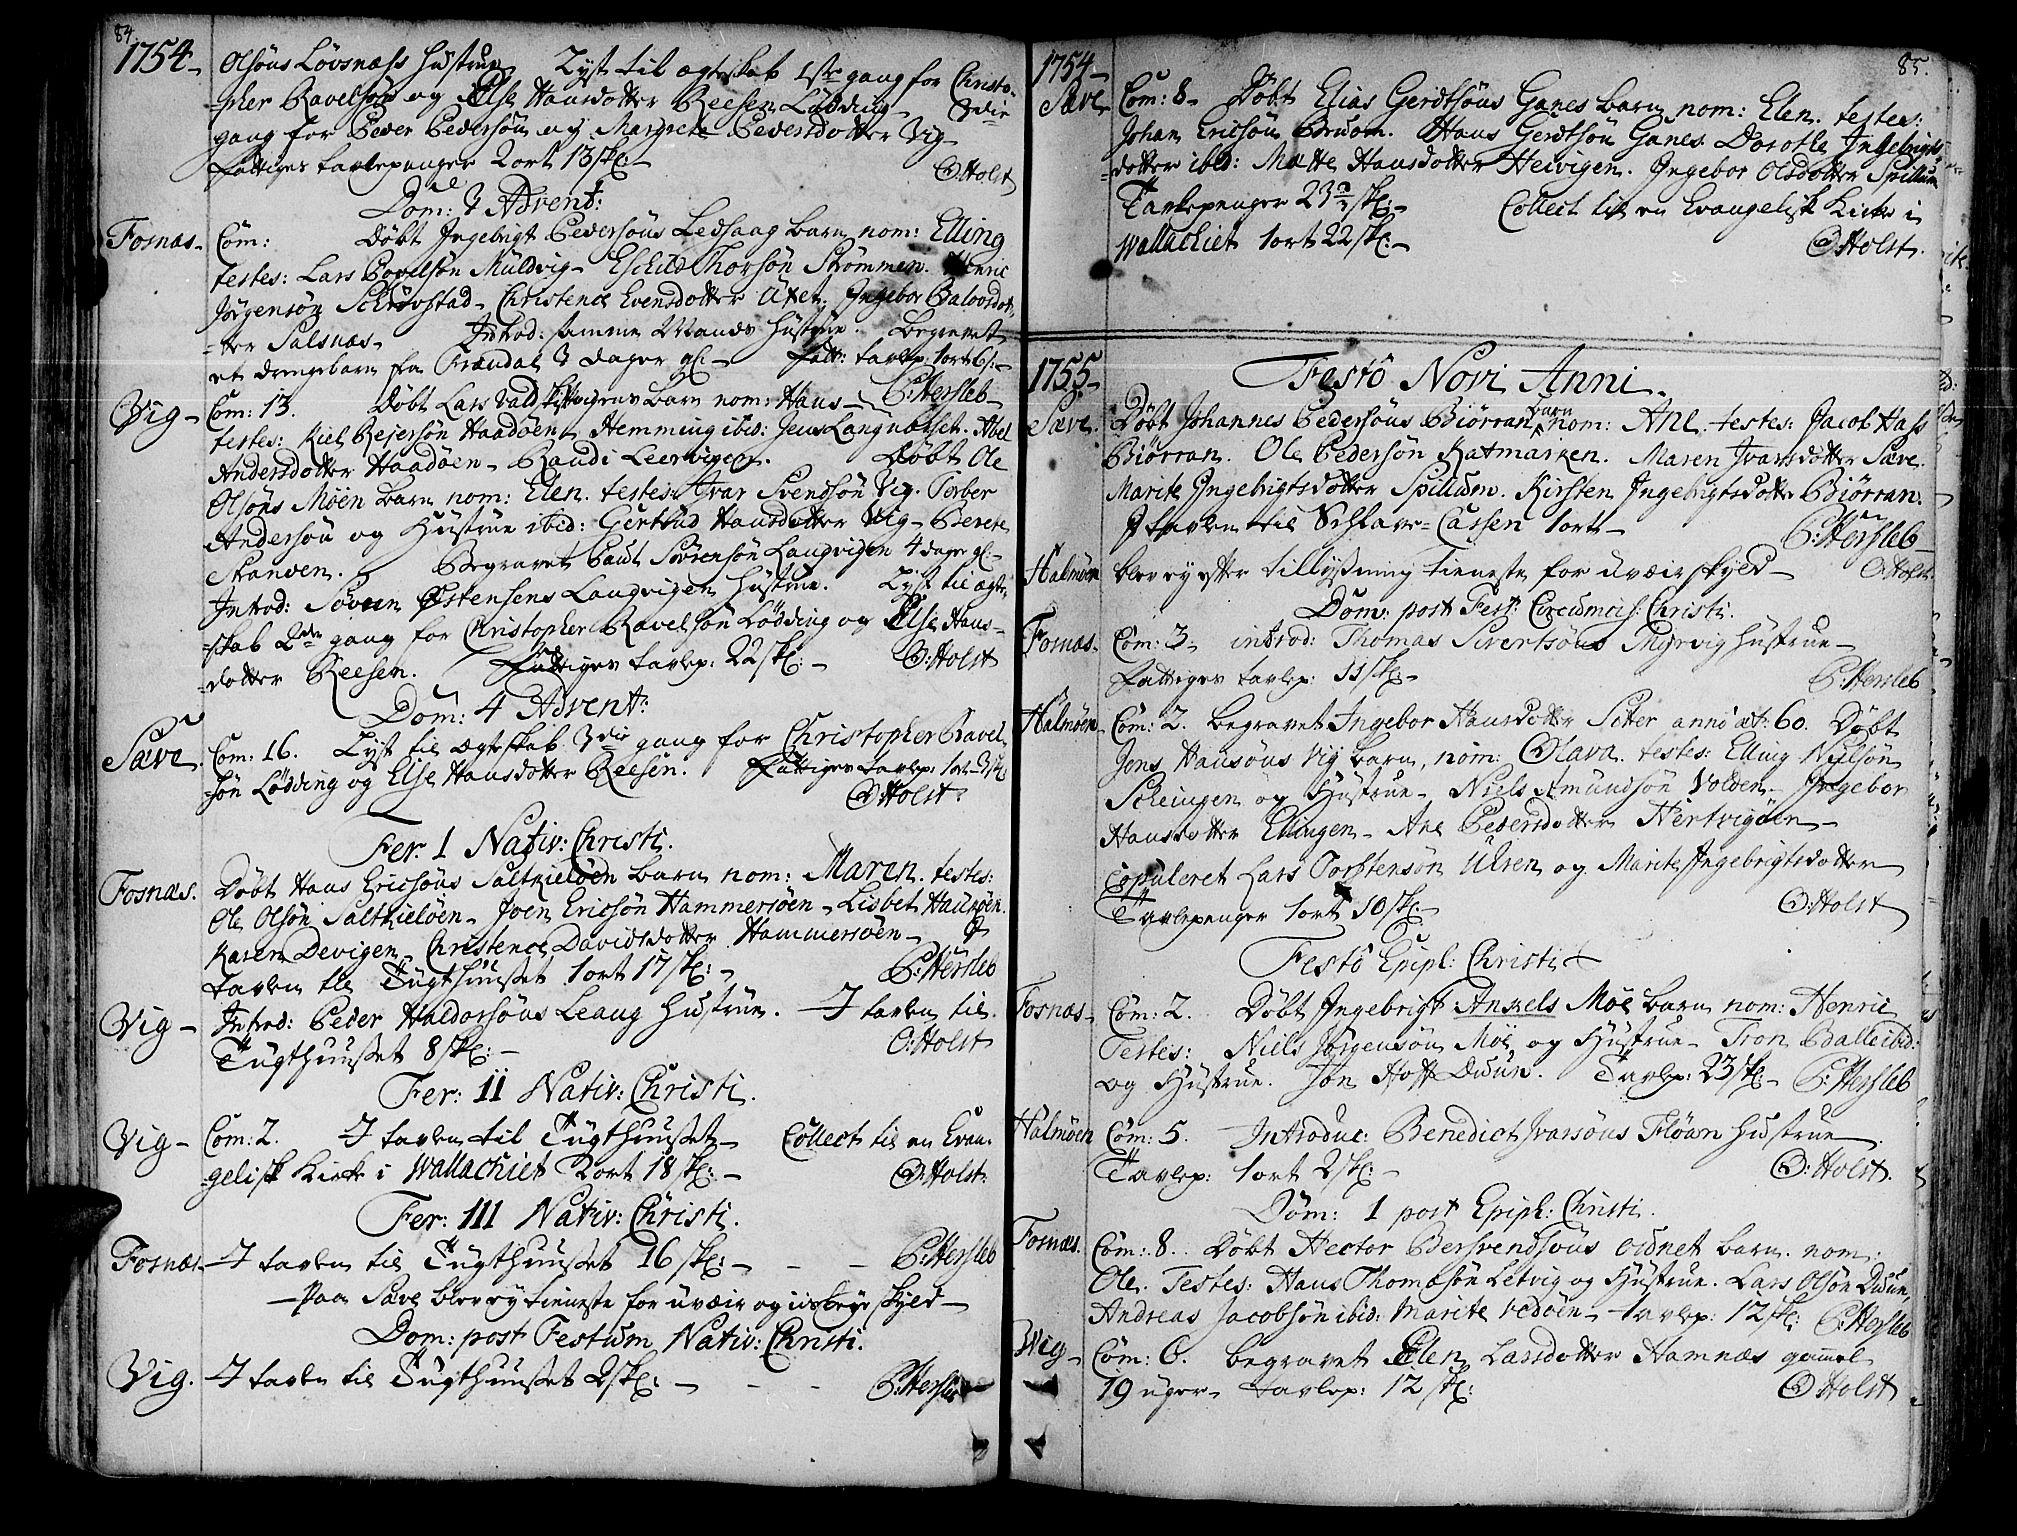 SAT, Ministerialprotokoller, klokkerbøker og fødselsregistre - Nord-Trøndelag, 773/L0607: Ministerialbok nr. 773A01, 1751-1783, s. 84-85